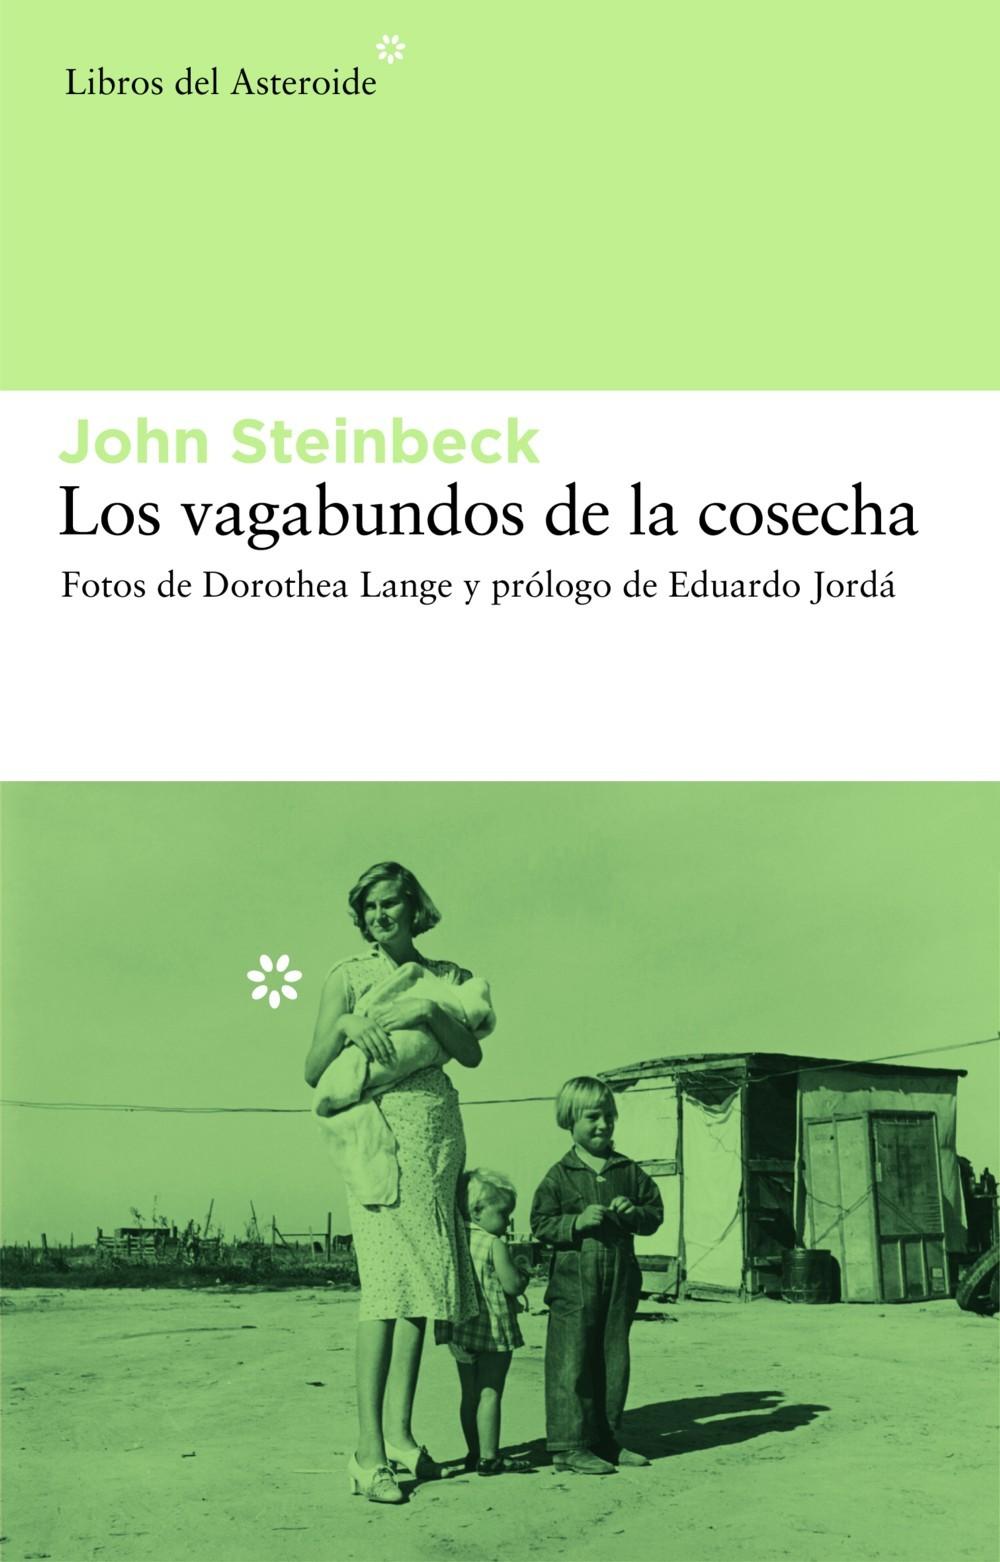 Descargar LOS VAGABUNDOS DE LA COSECHA